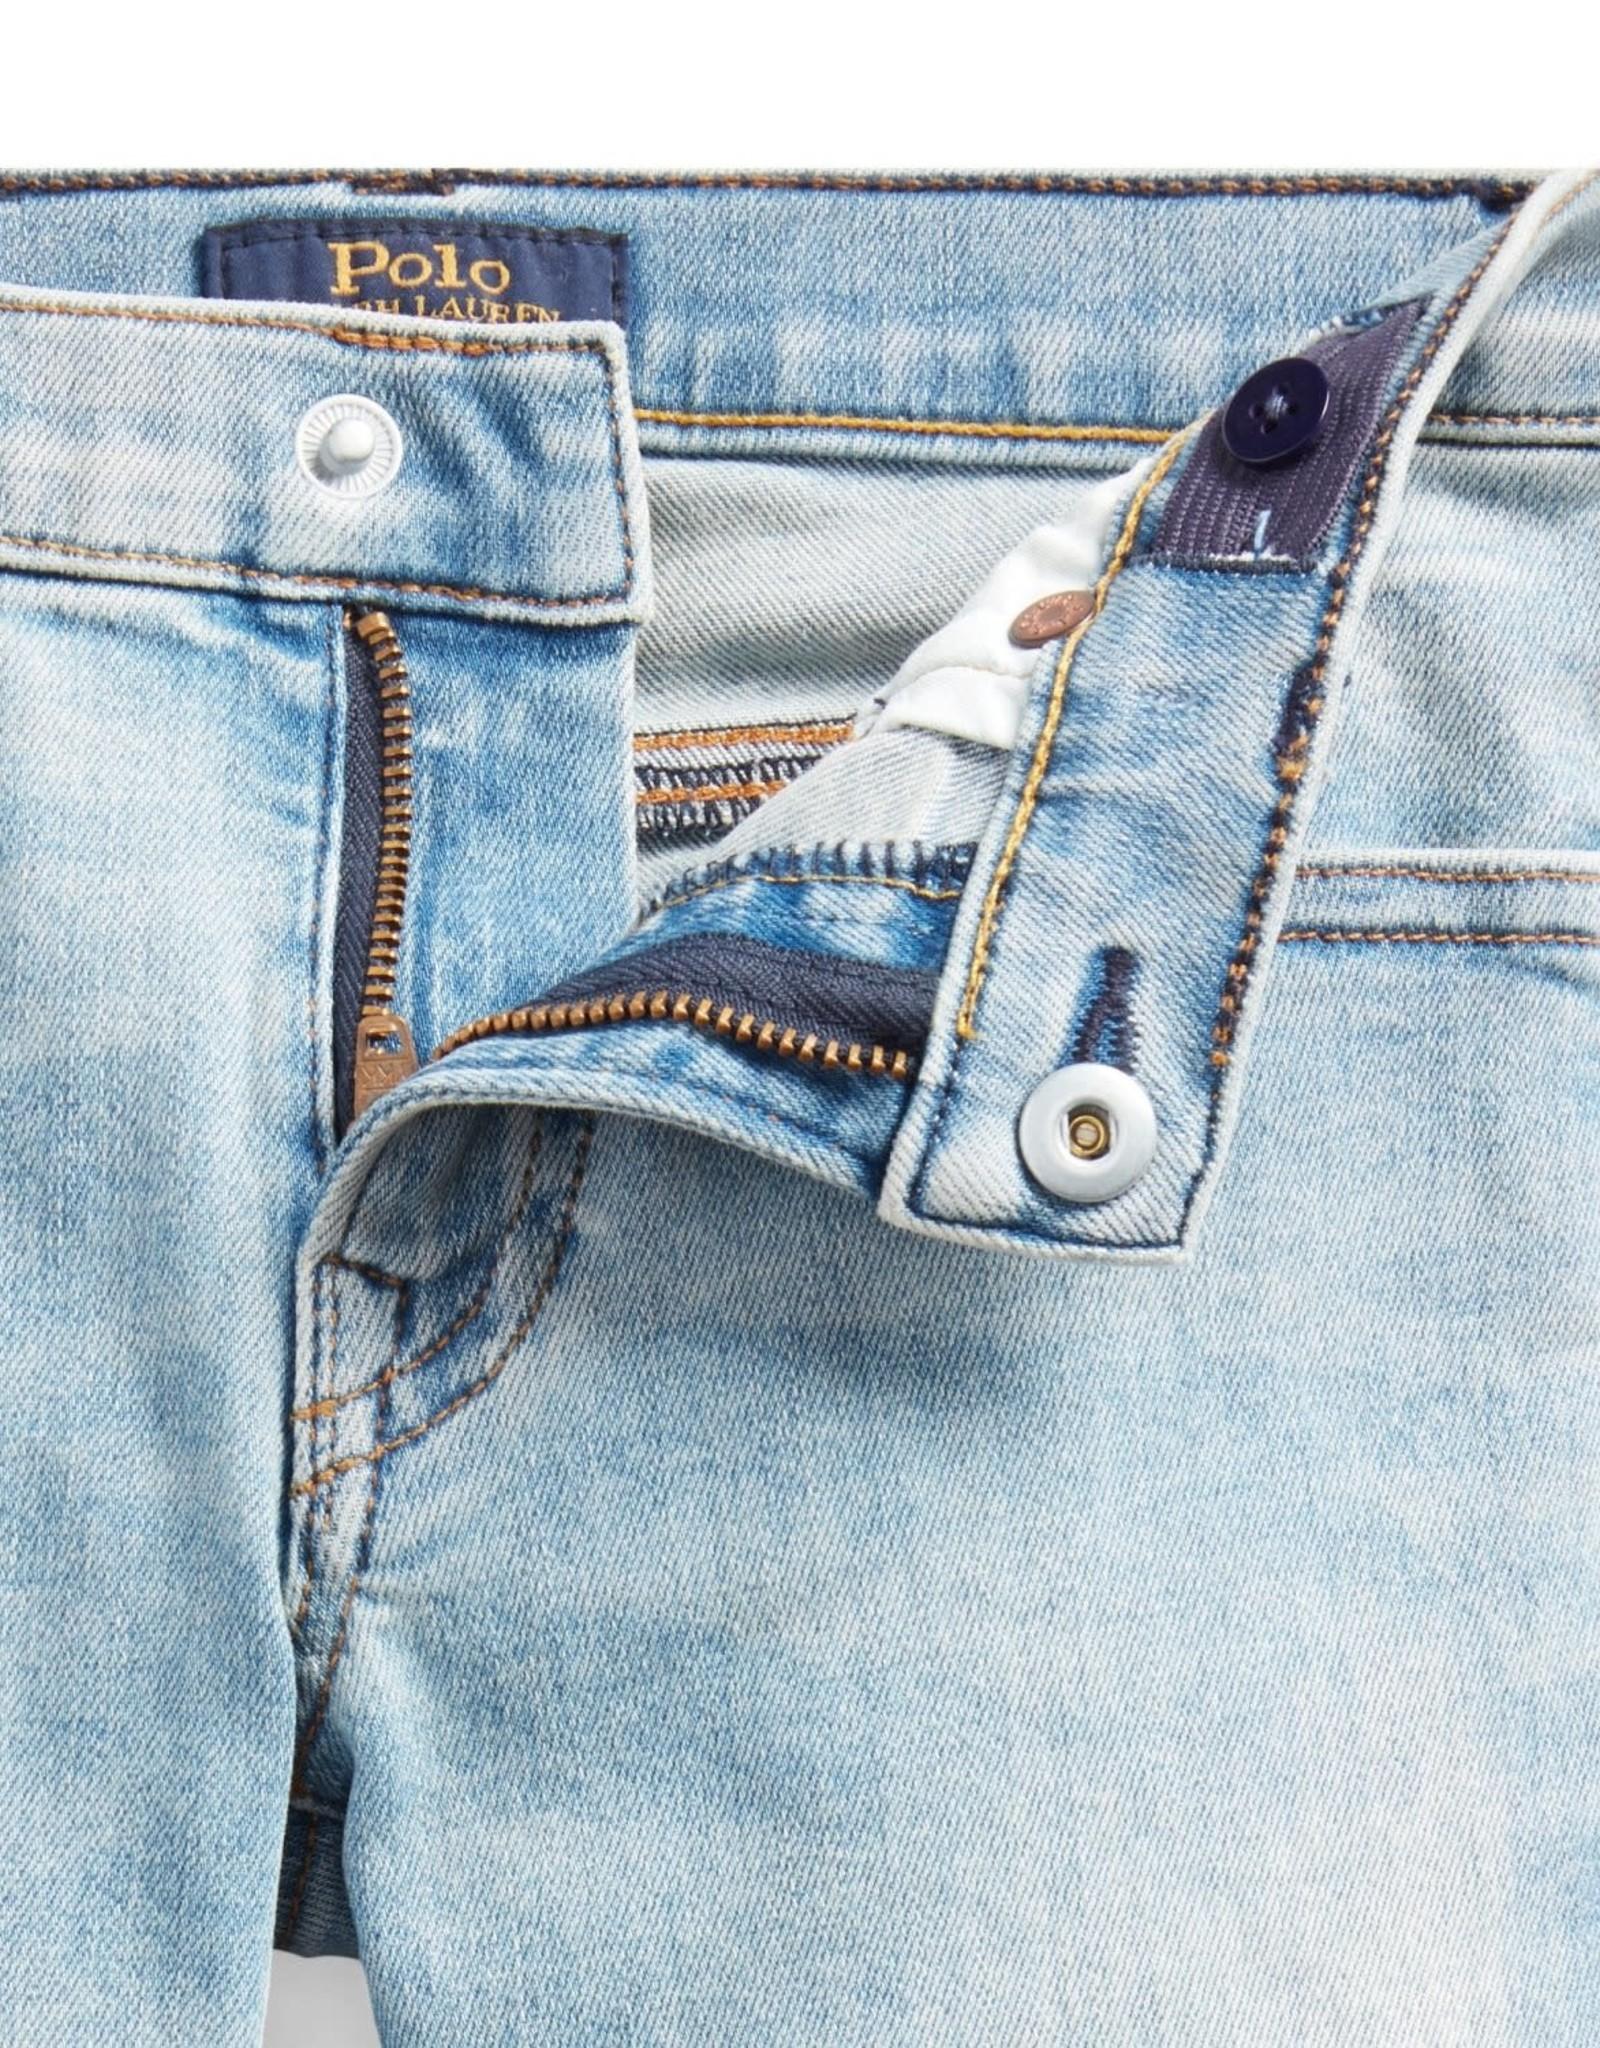 RALPH LAUREN RALPH LAUREN Jeans boys